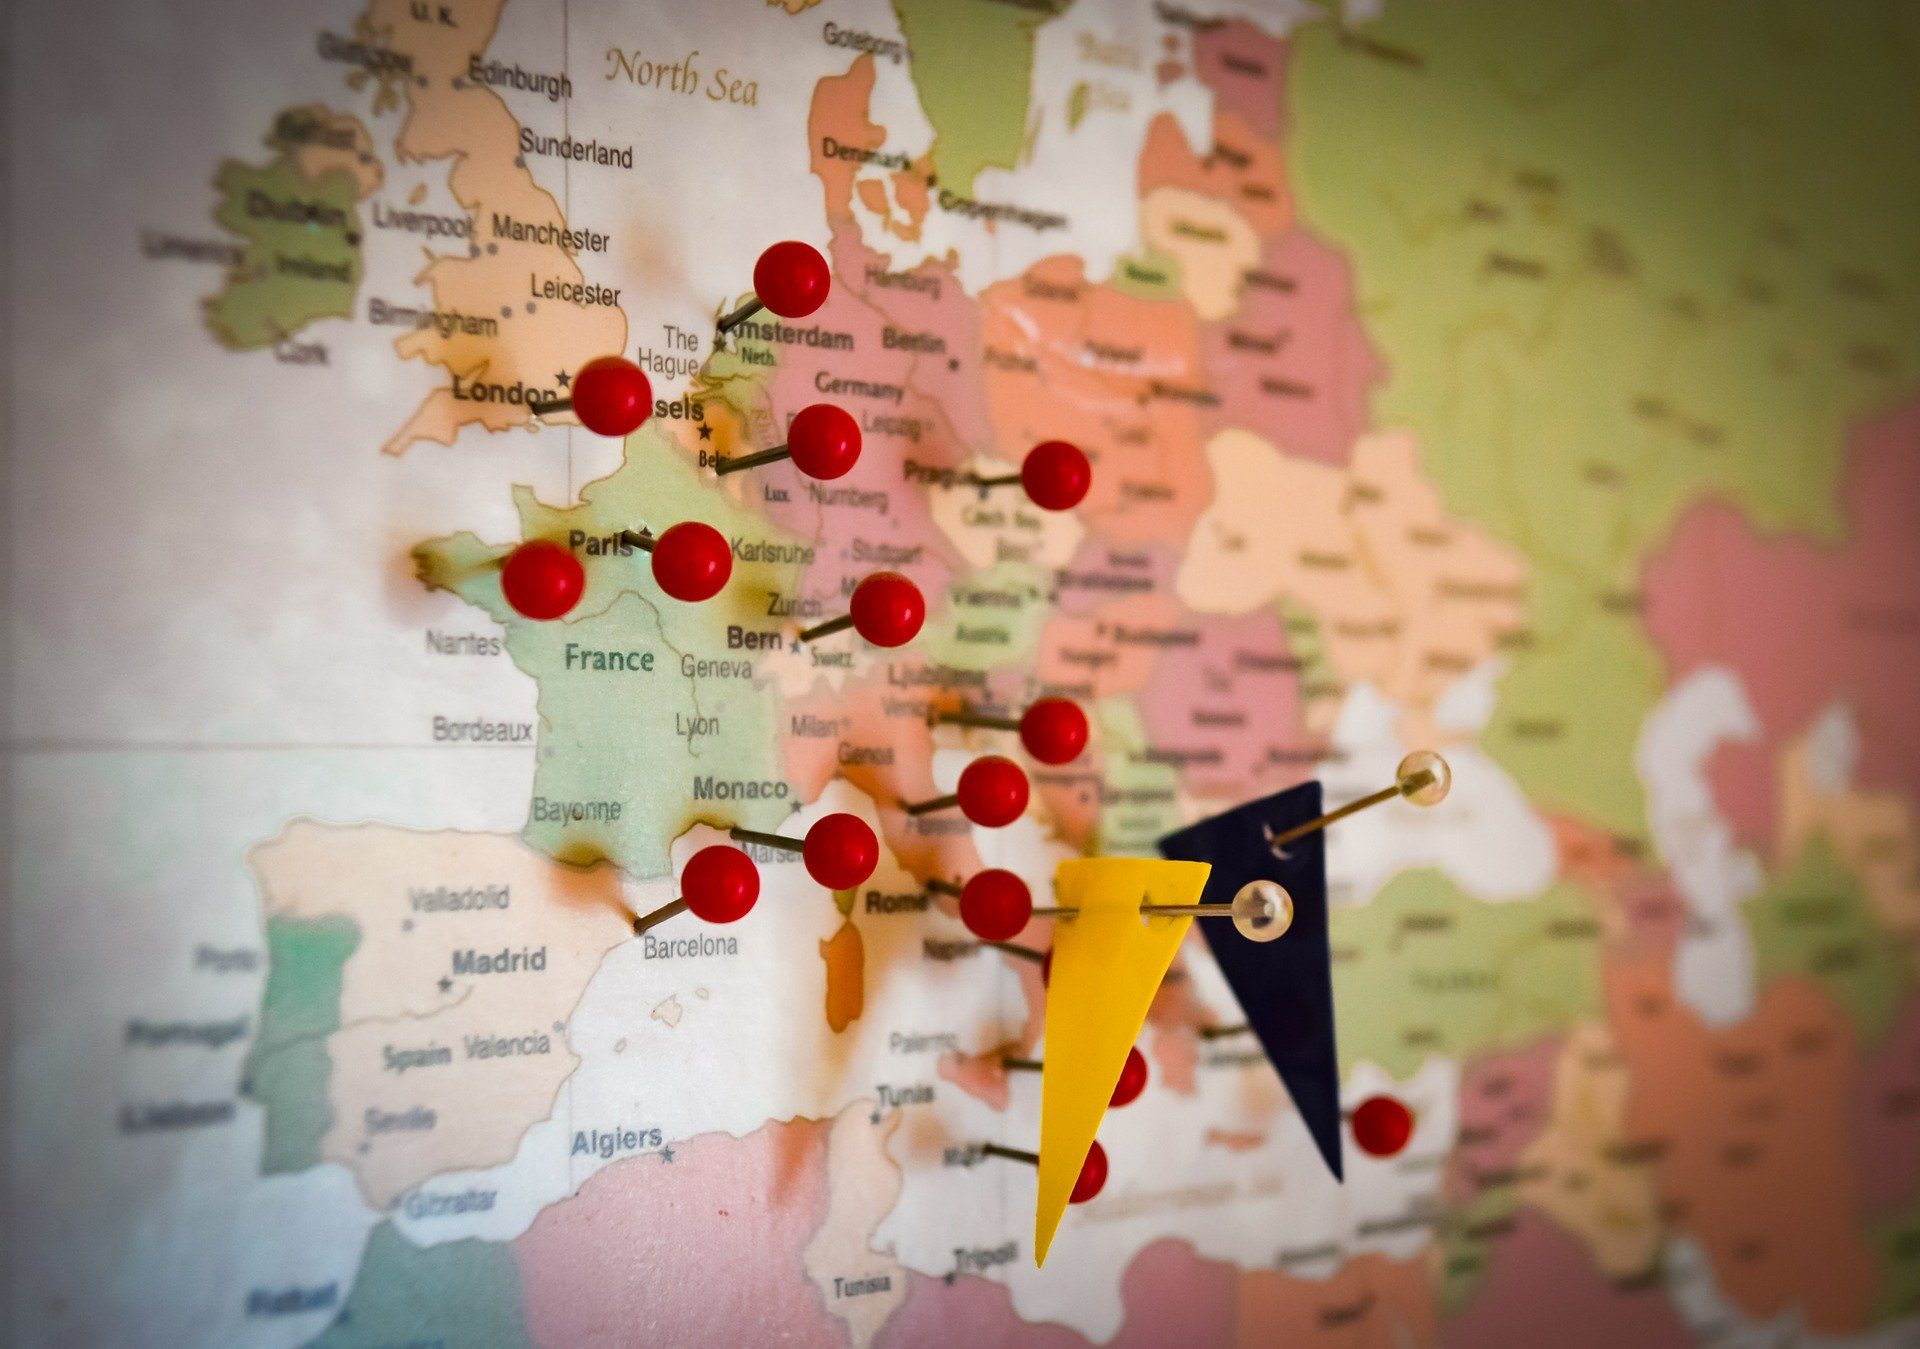 Só quem quer muito ir estudar na Europa vai acertar mais de 8 questões nesse teste